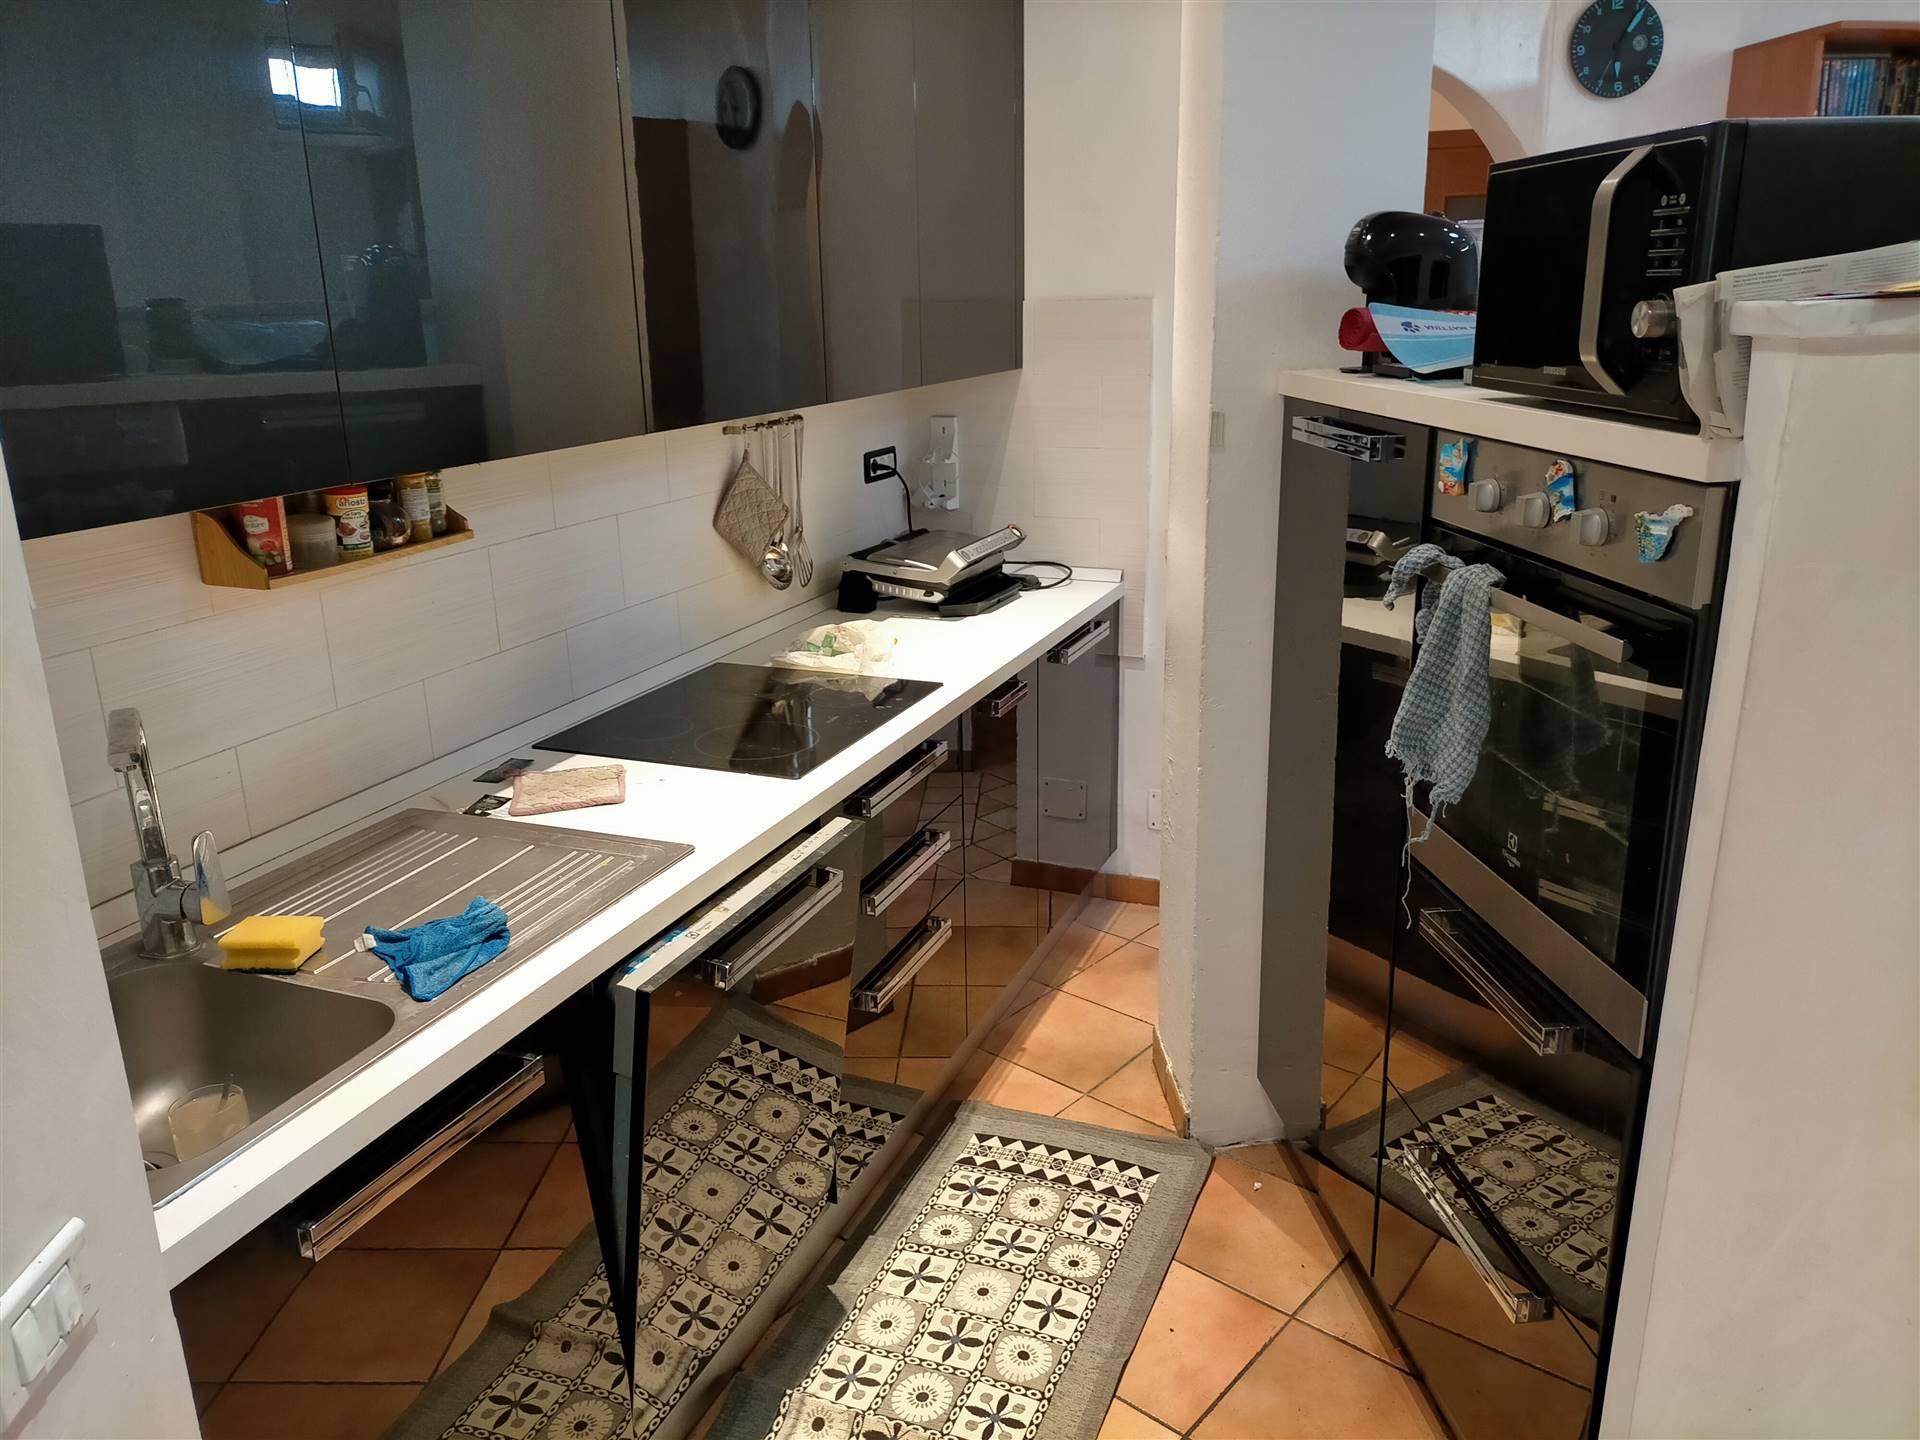 Appartamento in vendita a Aosta, 3 locali, zona Zona: Semicentro, prezzo € 140.000 | CambioCasa.it